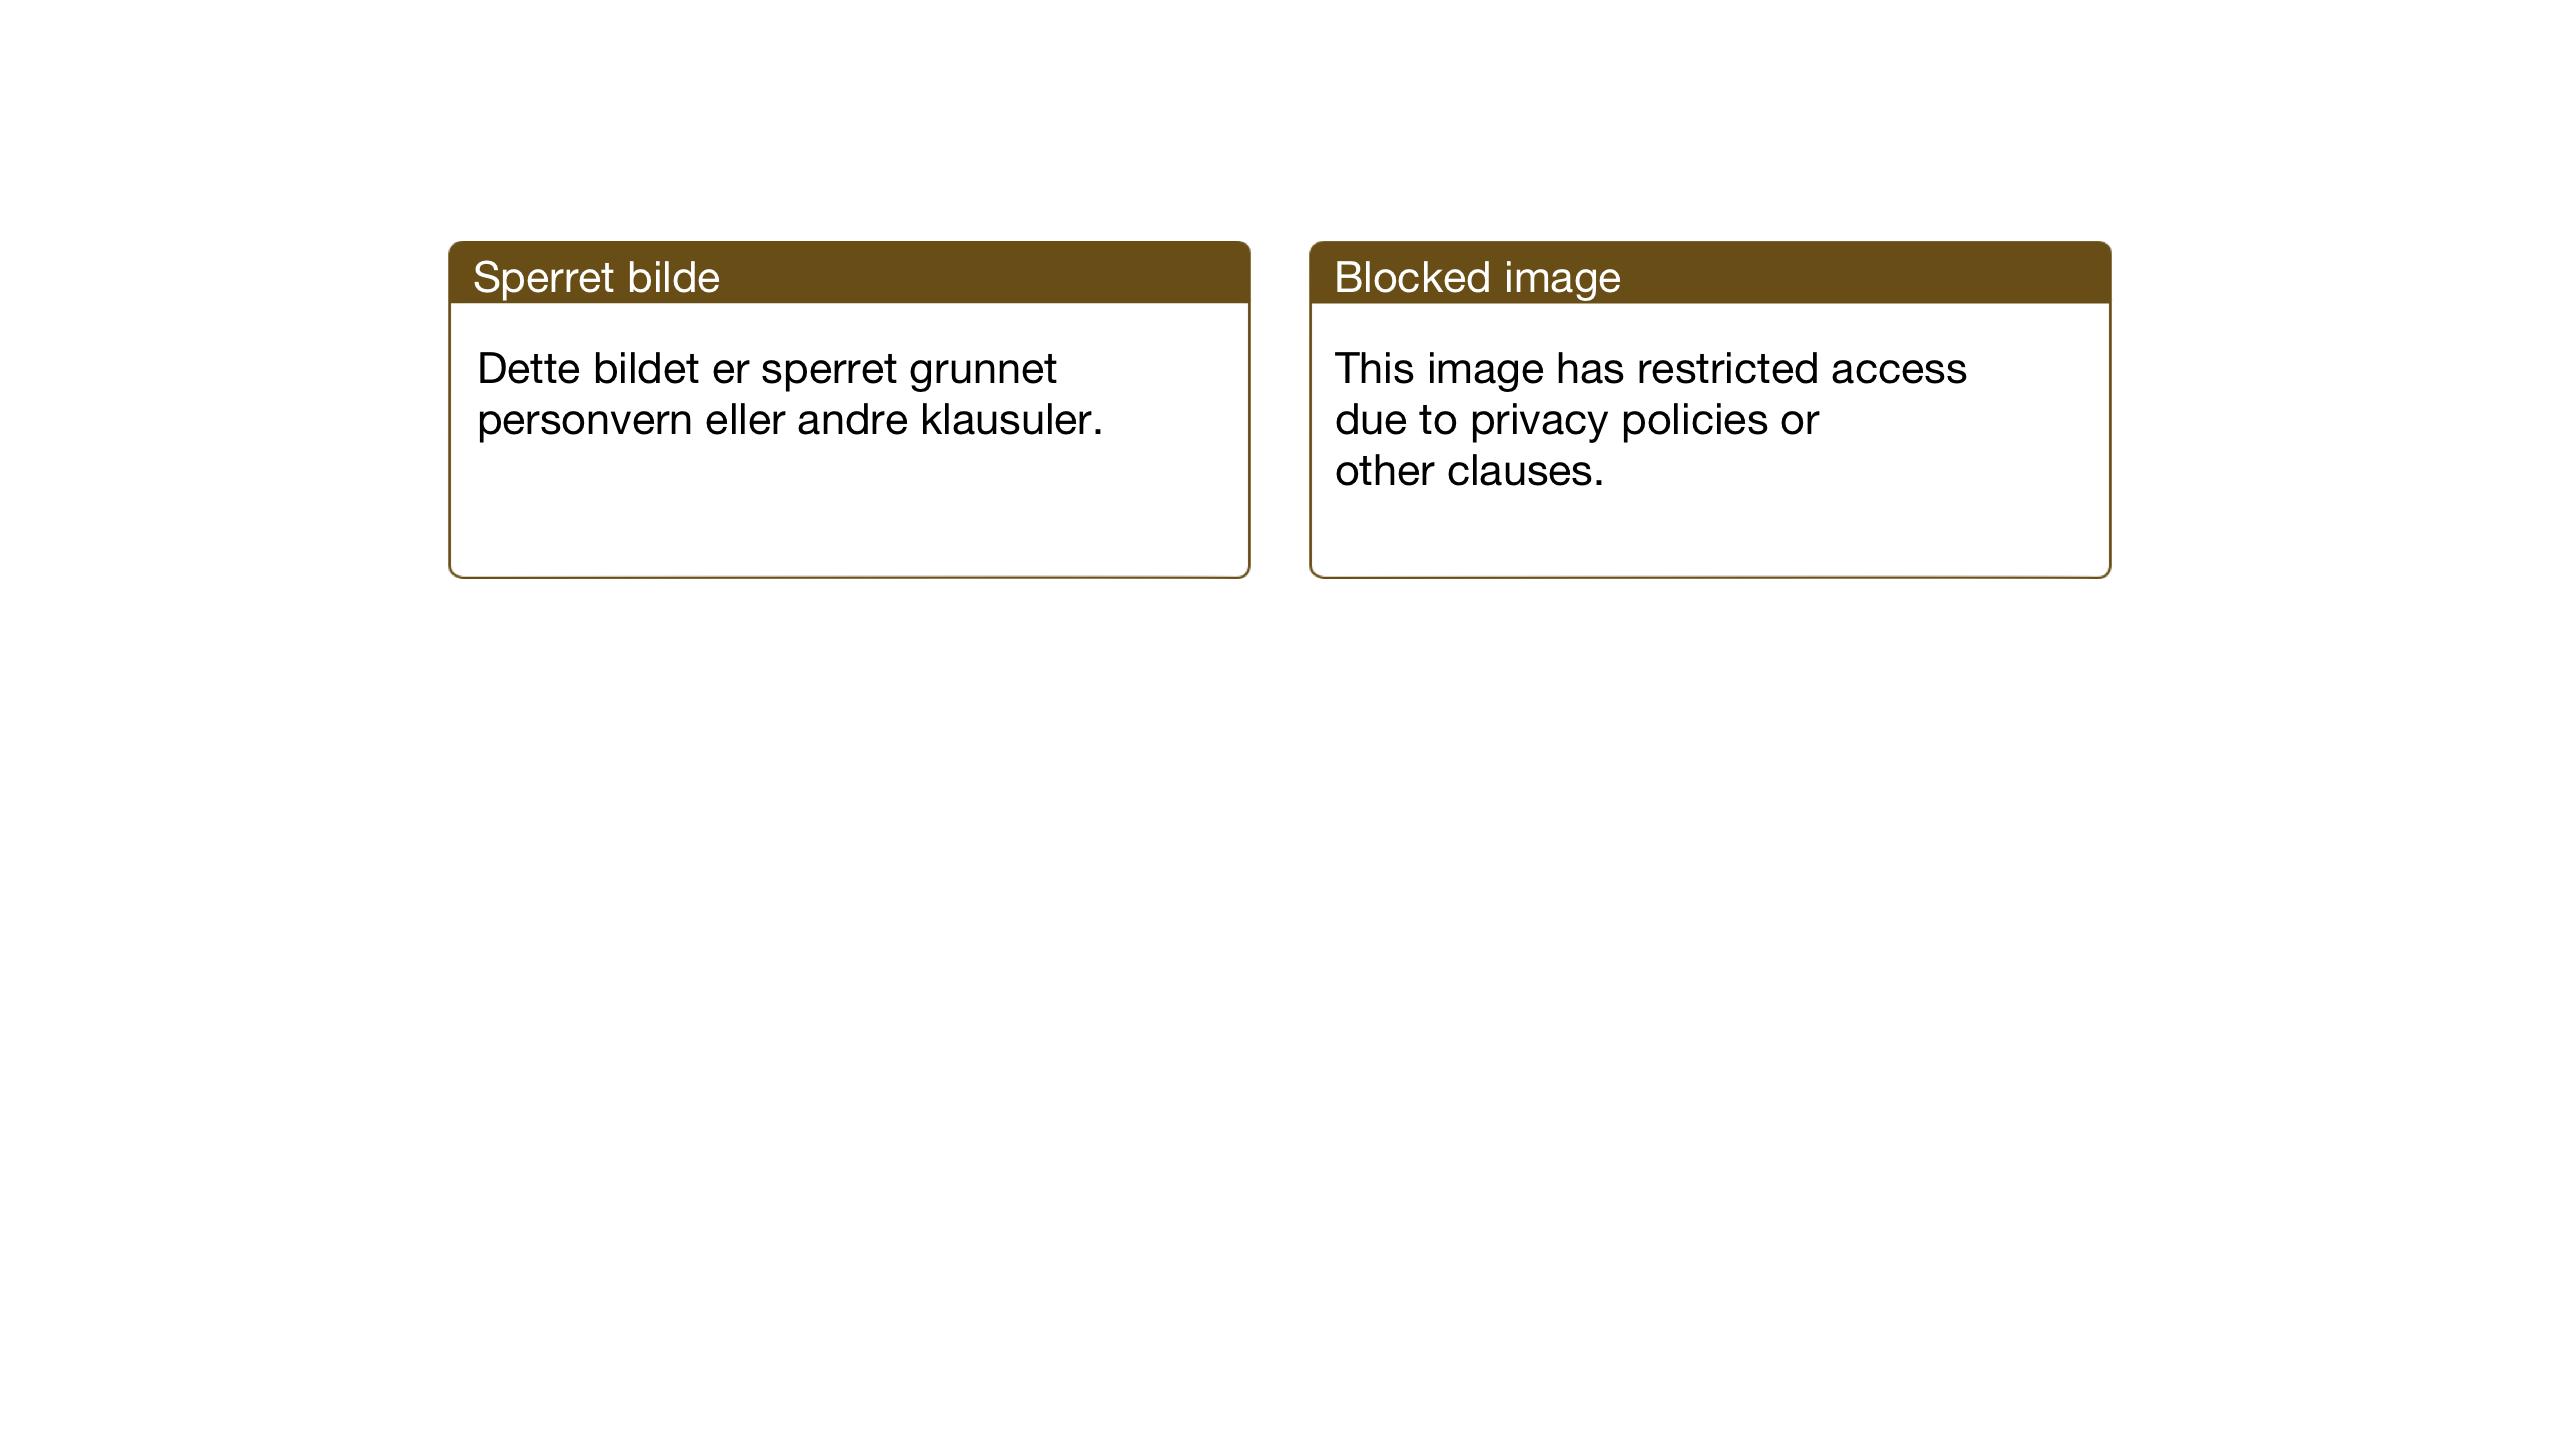 SAT, Ministerialprotokoller, klokkerbøker og fødselsregistre - Nord-Trøndelag, 773/L0625: Klokkerbok nr. 773C01, 1910-1952, s. 248